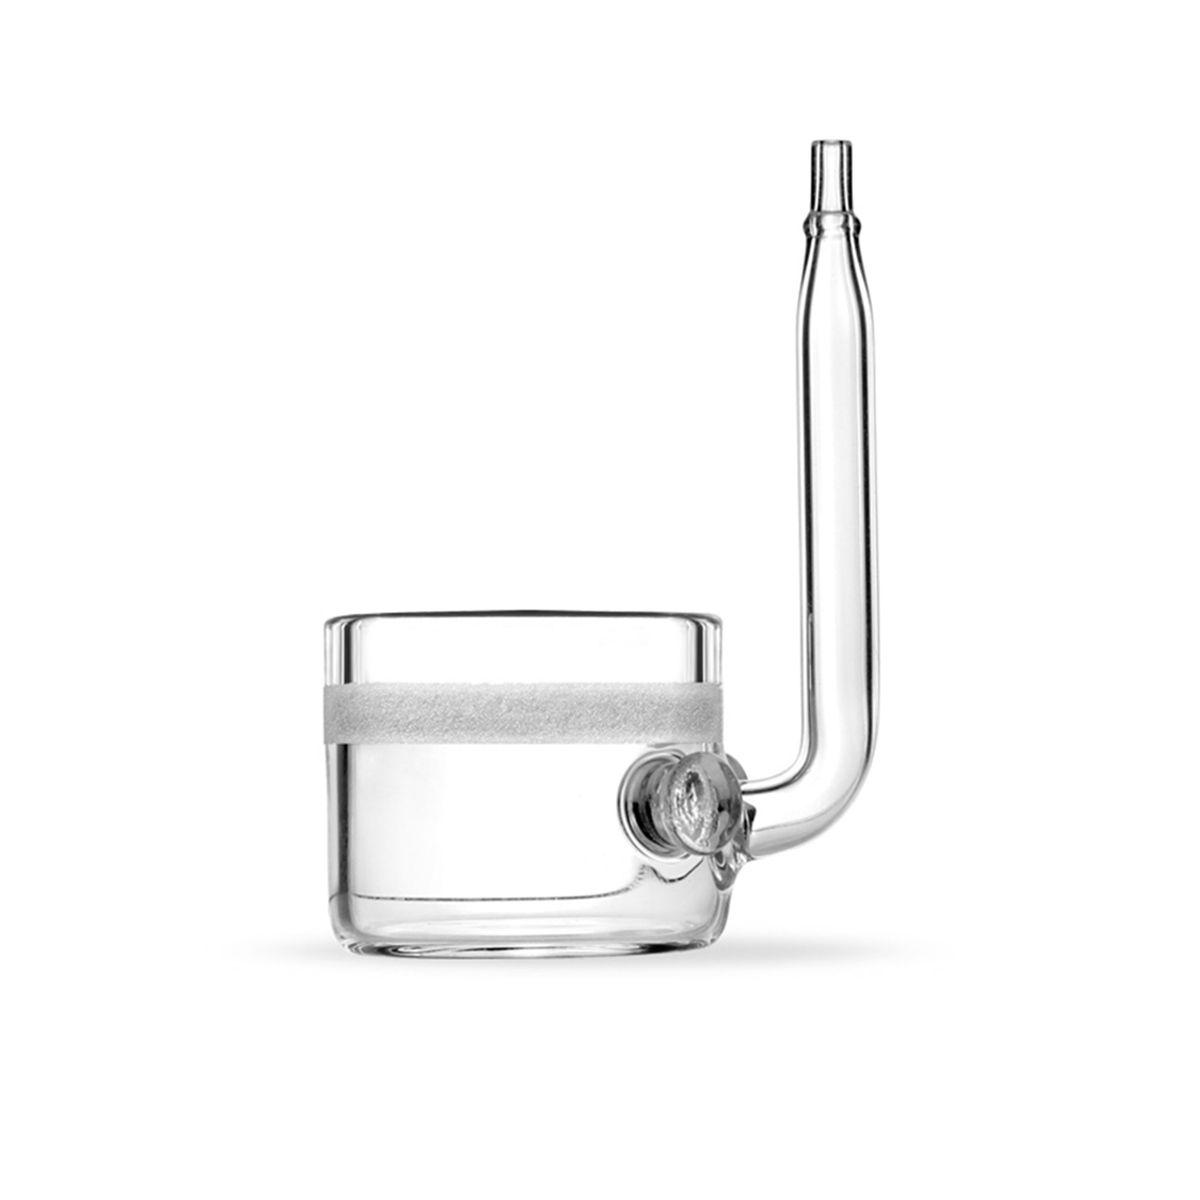 Seachem difusor de CO2 Beetle Diffuser de vidro - 30MM